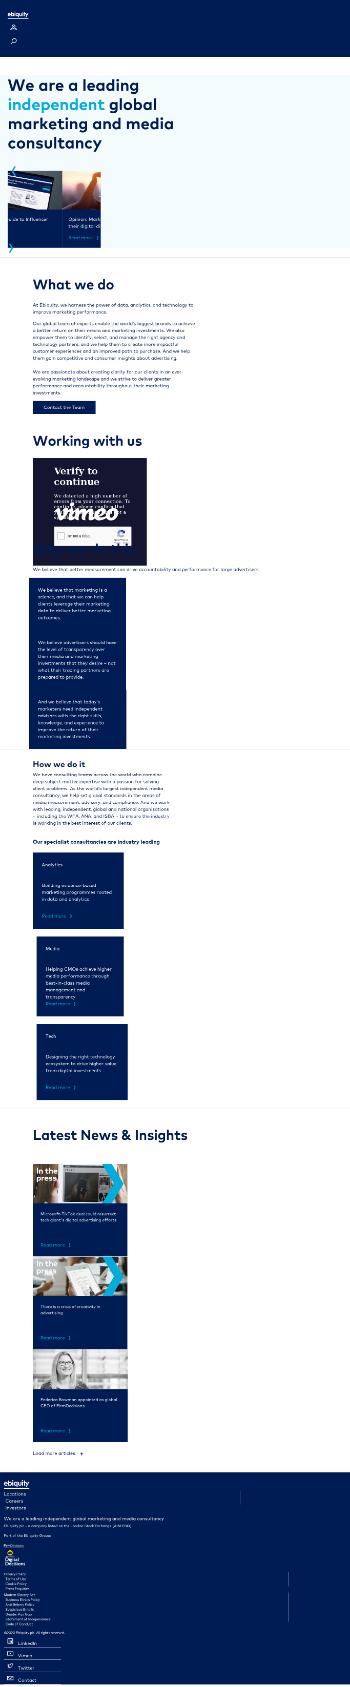 Ebiquity plc Website Screenshot